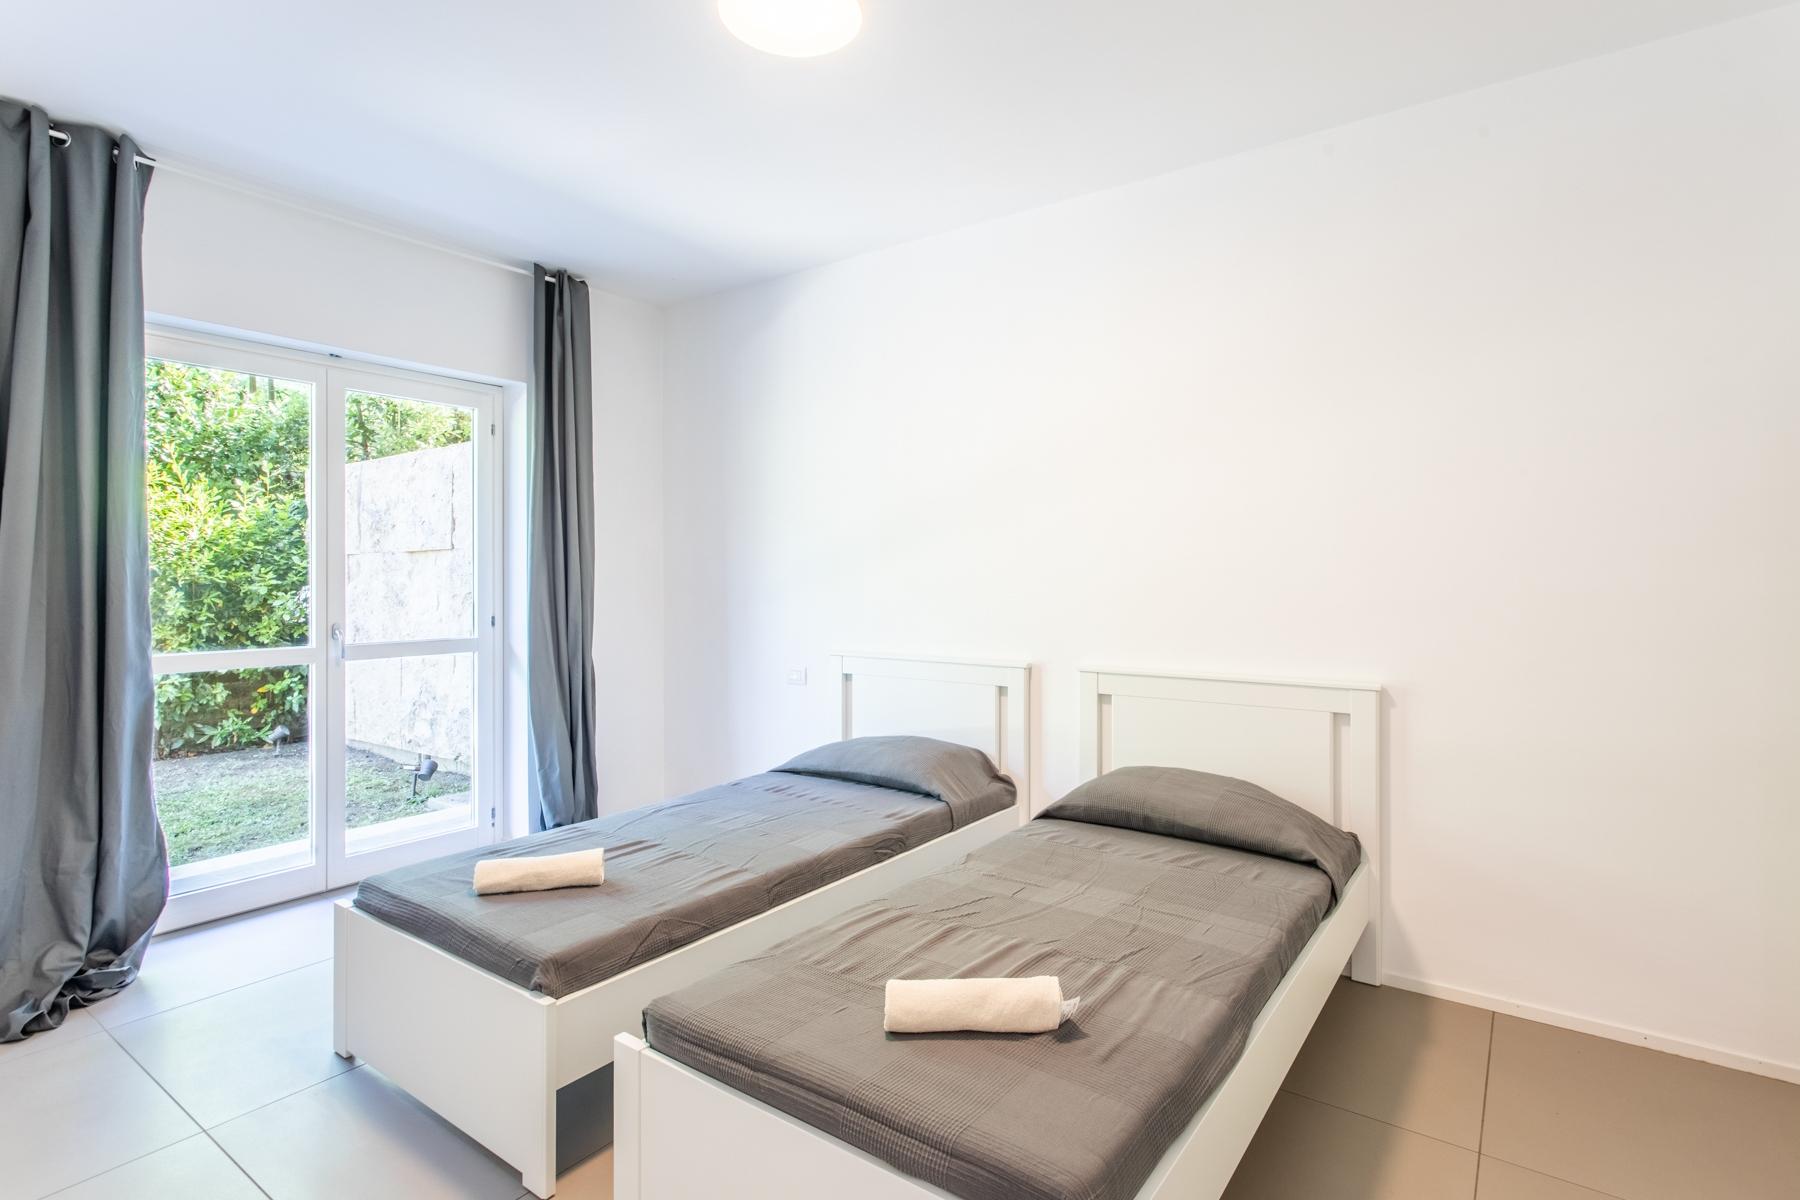 Appartamento in Vendita a Trevignano Romano: 4 locali, 100 mq - Foto 16